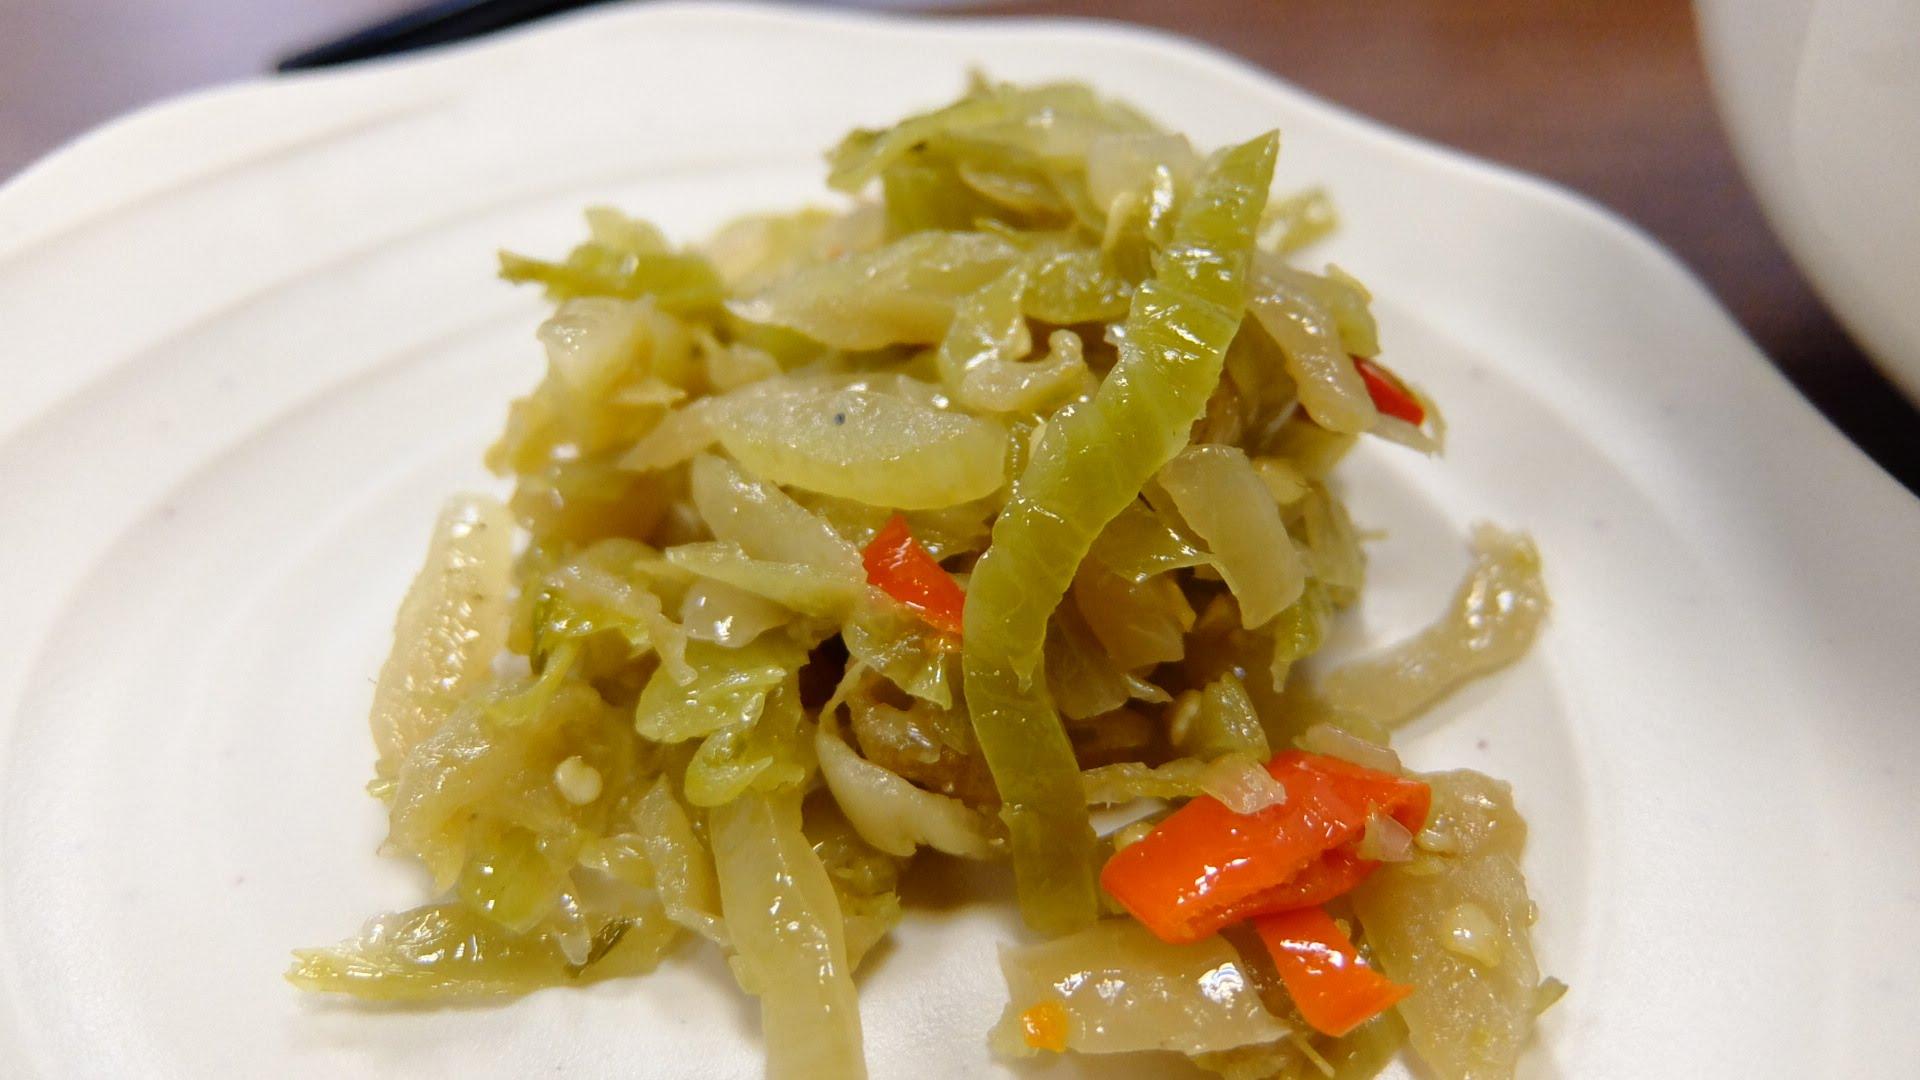 吃牛肉麵一定要搭配酸菜! 這一家酸菜在後方自行夾取,單獨吃頗辣的...